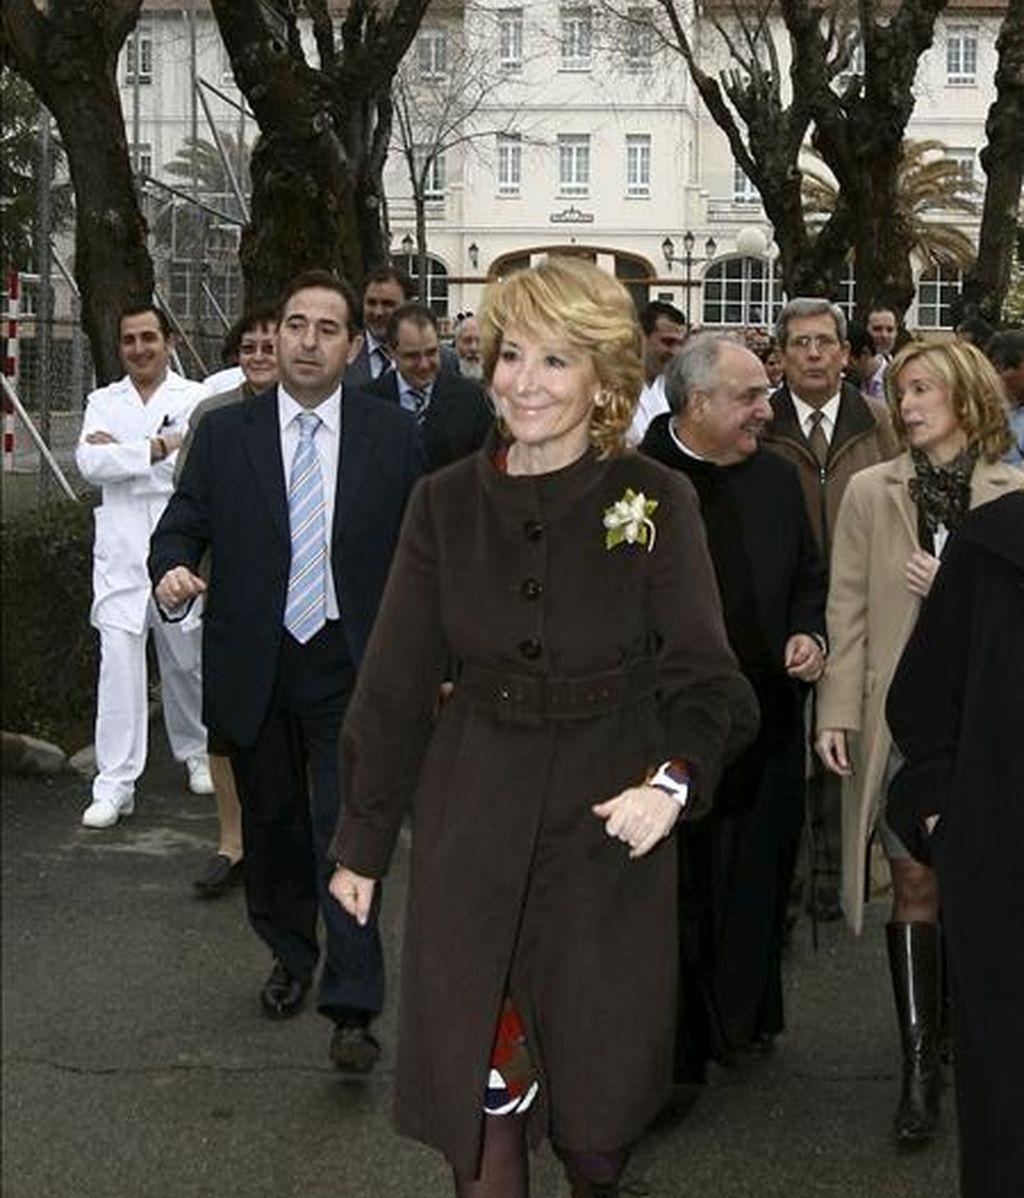 La presidenta de la Comunidad de Madrid, Esperanza Aguirre, durante la inauguración de la nueva unidad terapéutica del centro de Salud Mental existente en Ciempozuelos. EFE